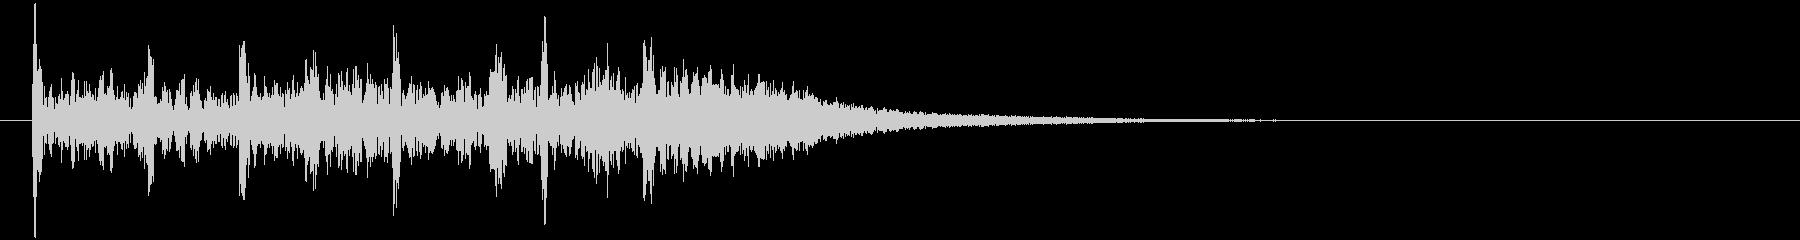 ドラムによる勇ましい場面転換音の未再生の波形